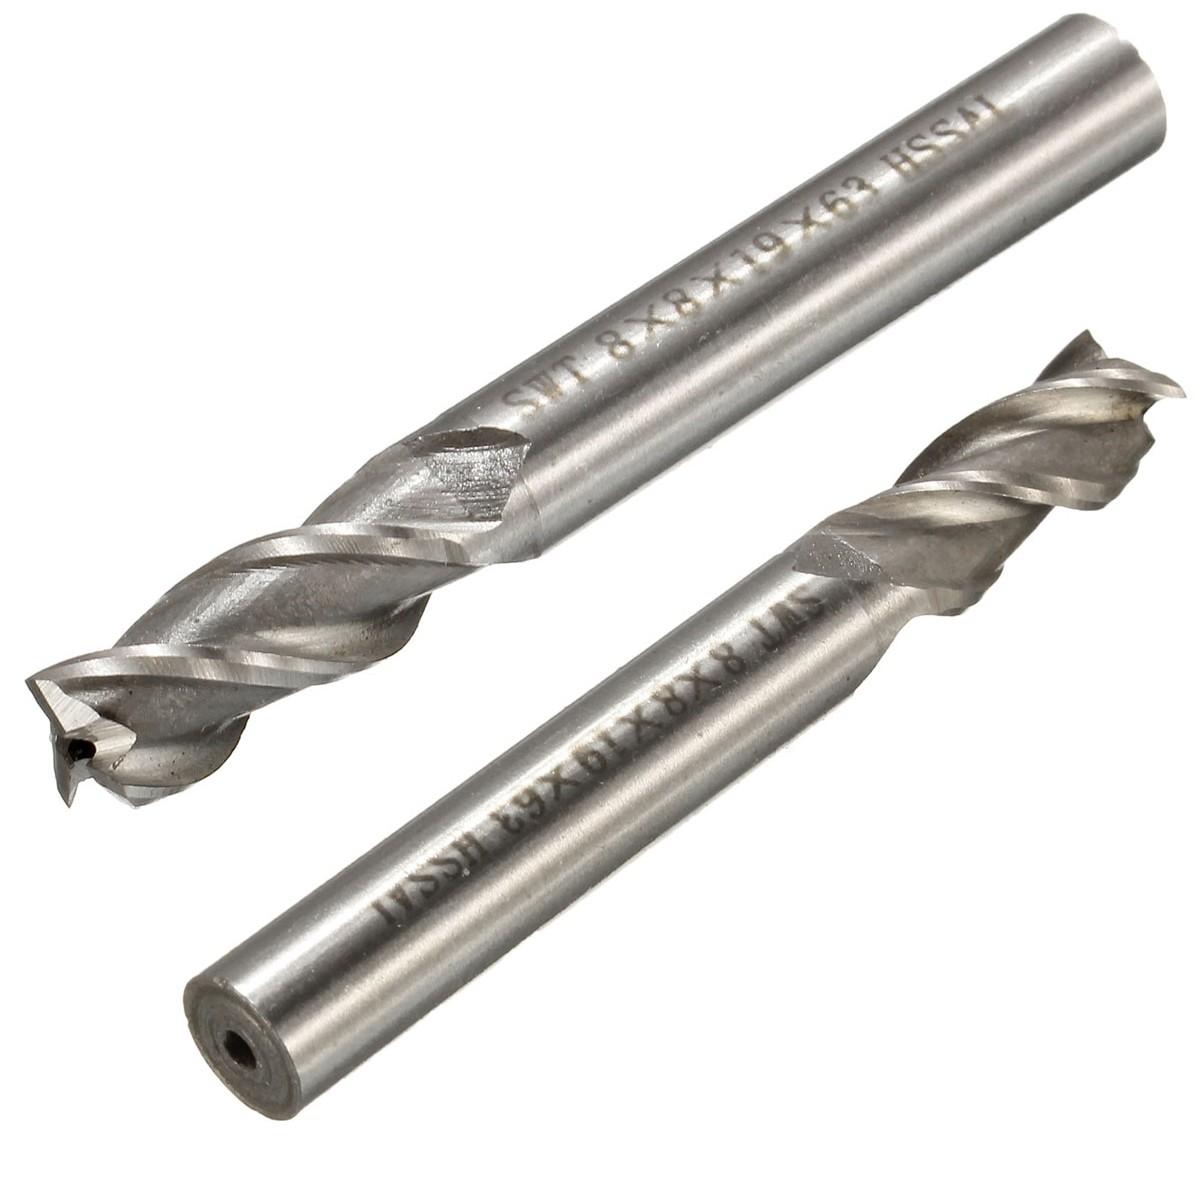 16,19mm Countersink Perceuse Electrique Al/ésage Embout Pour Bois M/étal 3pc 1//4Hex 12